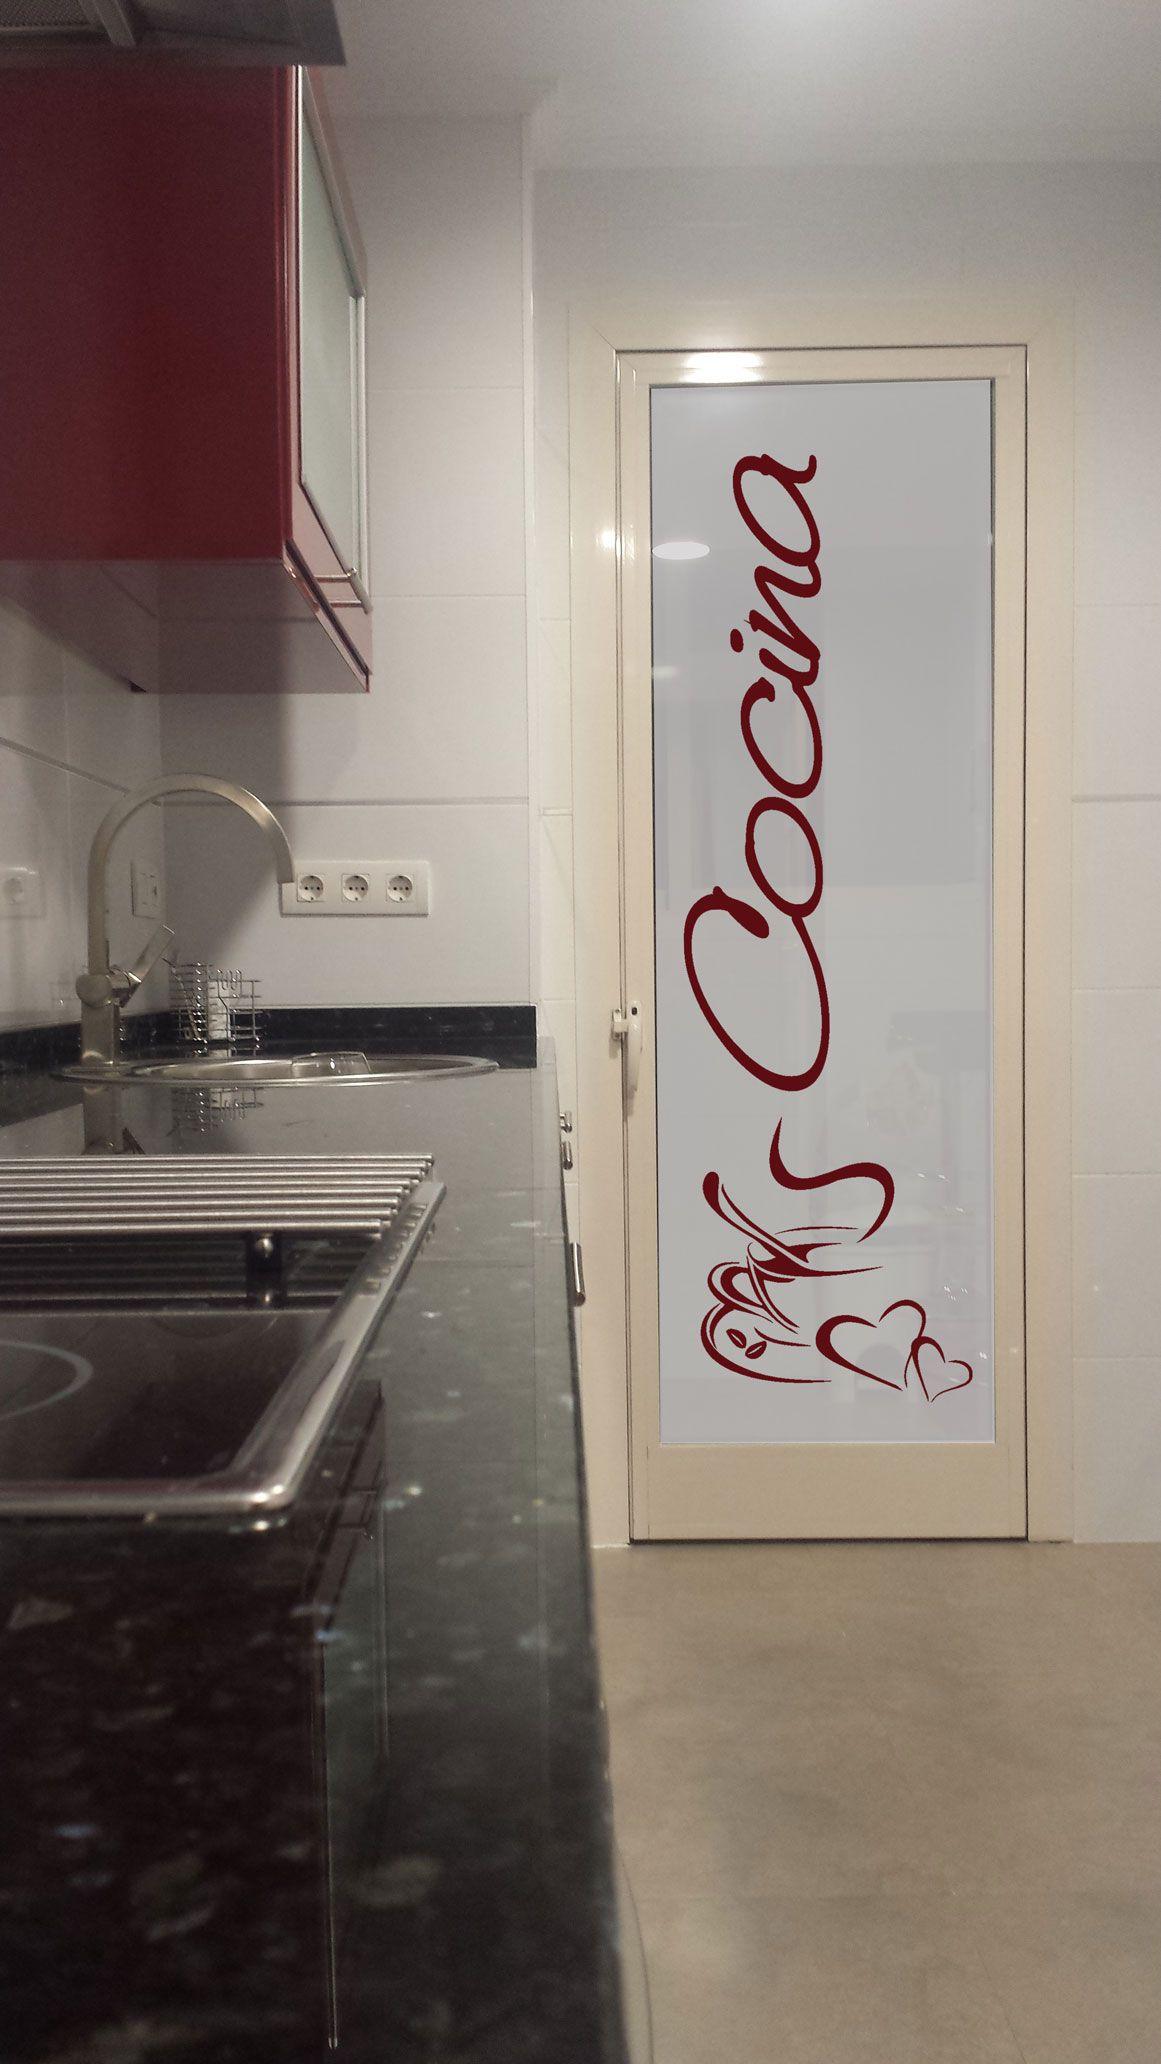 Vinilo para cristales translucido con el dibujo a color - Cristales para puertas de cocina ...